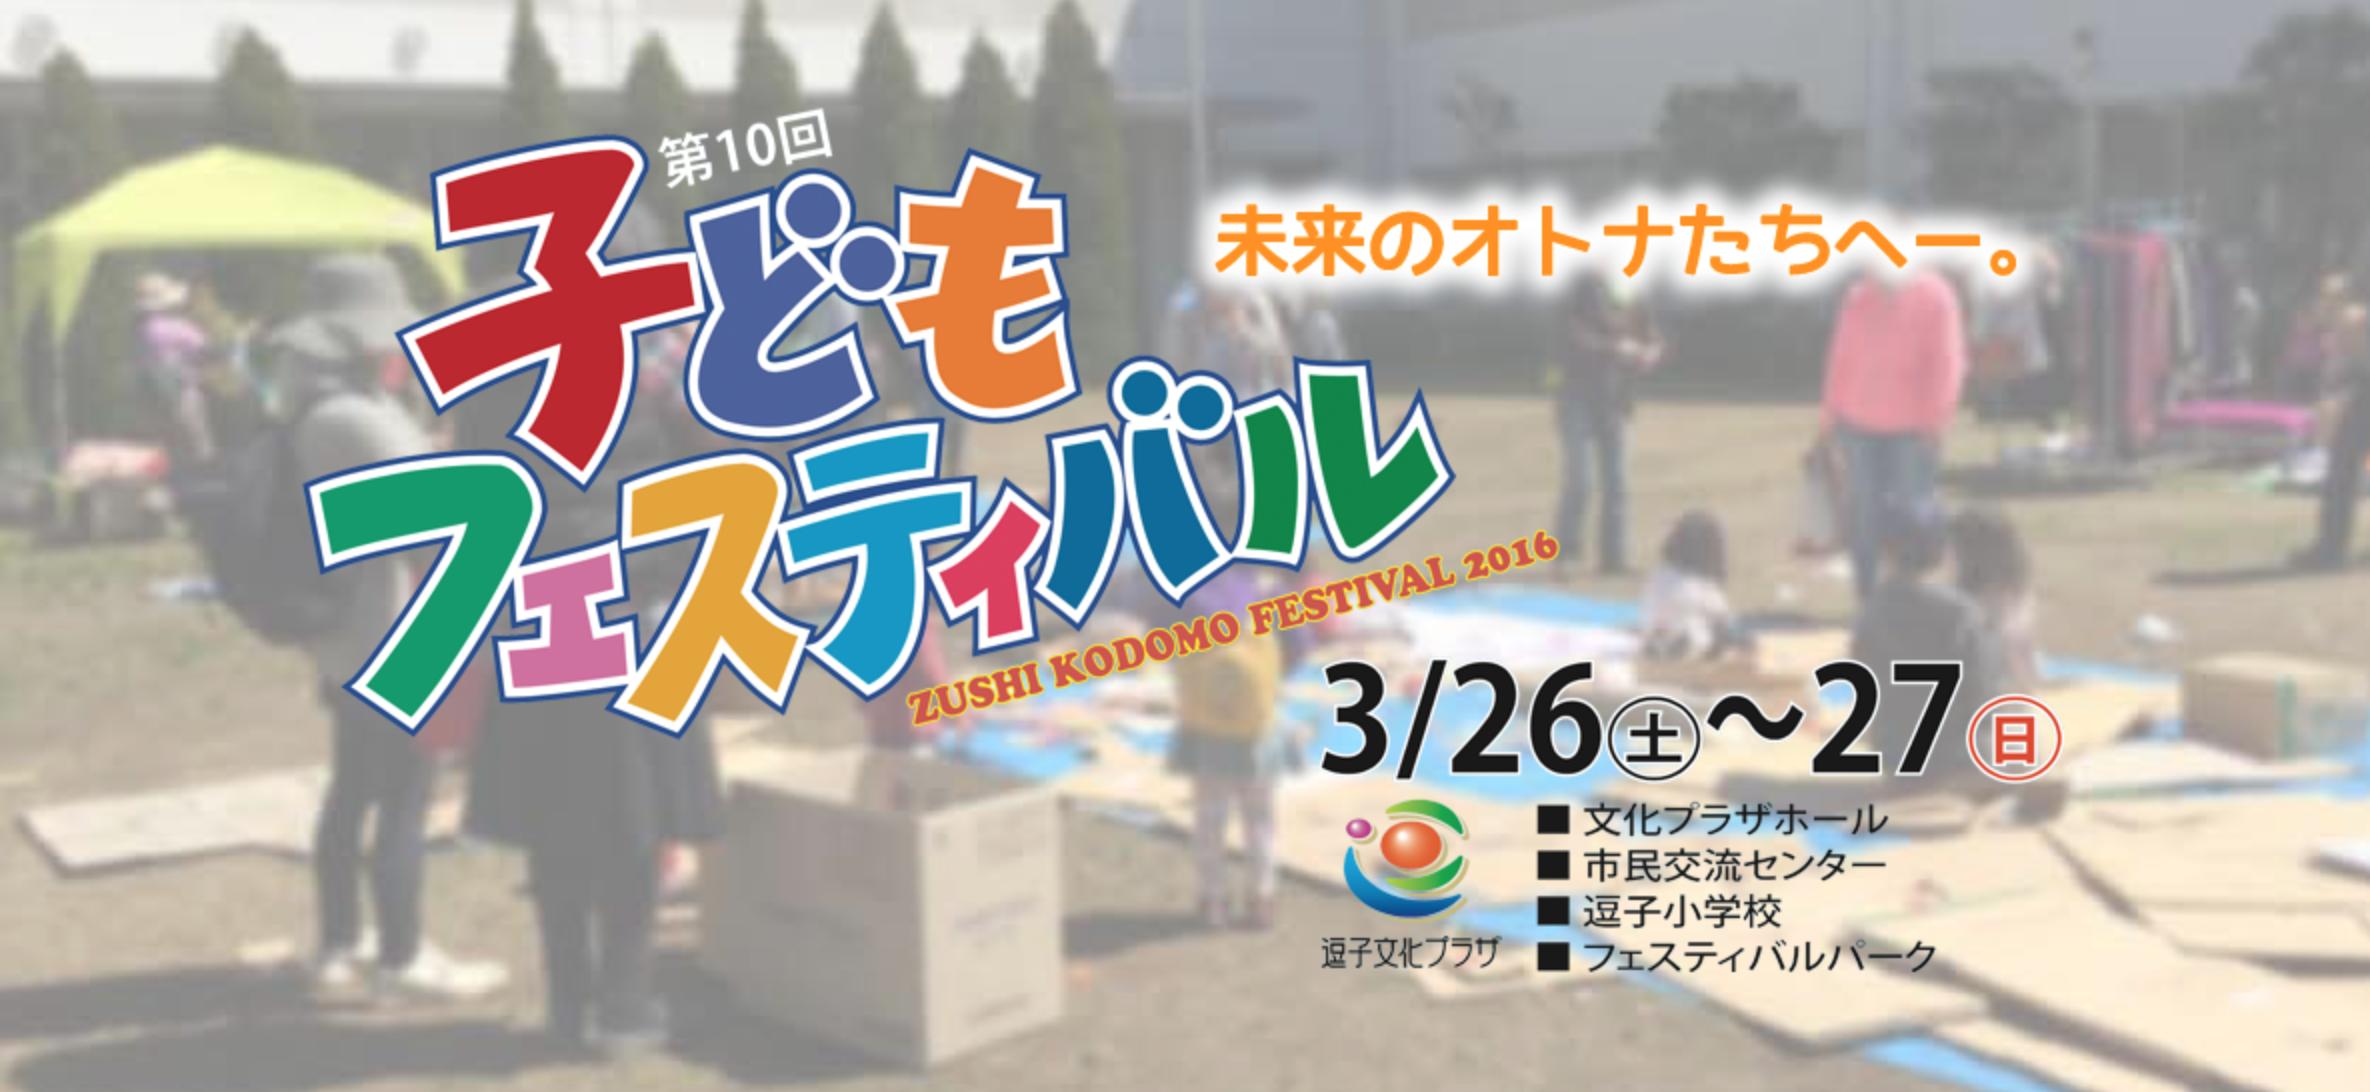 3月26-27日は逗子こどもフェスティバル